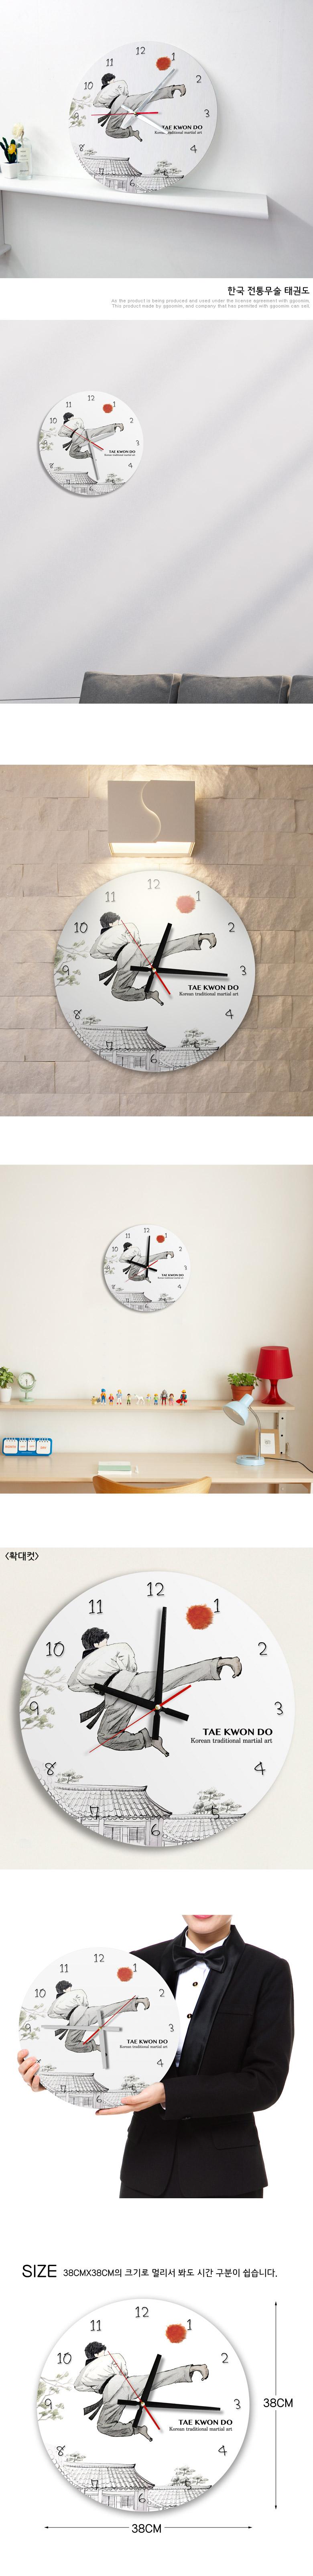 cs219-한국전통무술태권도_인테리어벽시계 - 꾸밈, 22,400원, 벽시계, 무소음/저소음